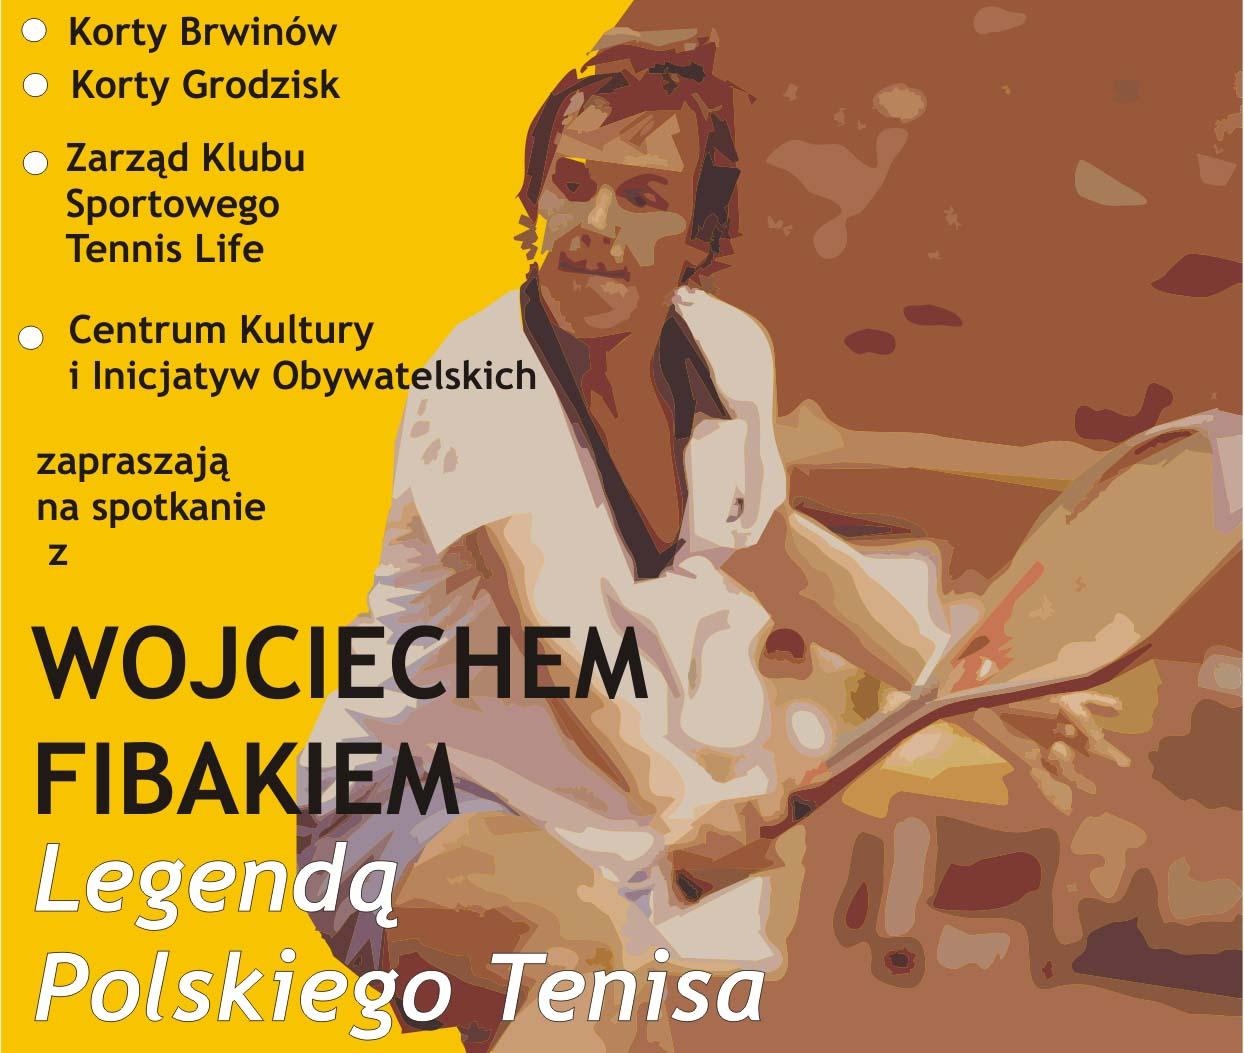 Spotkanie z Wojciechem Fibakiem – legendą polskiego tenisa